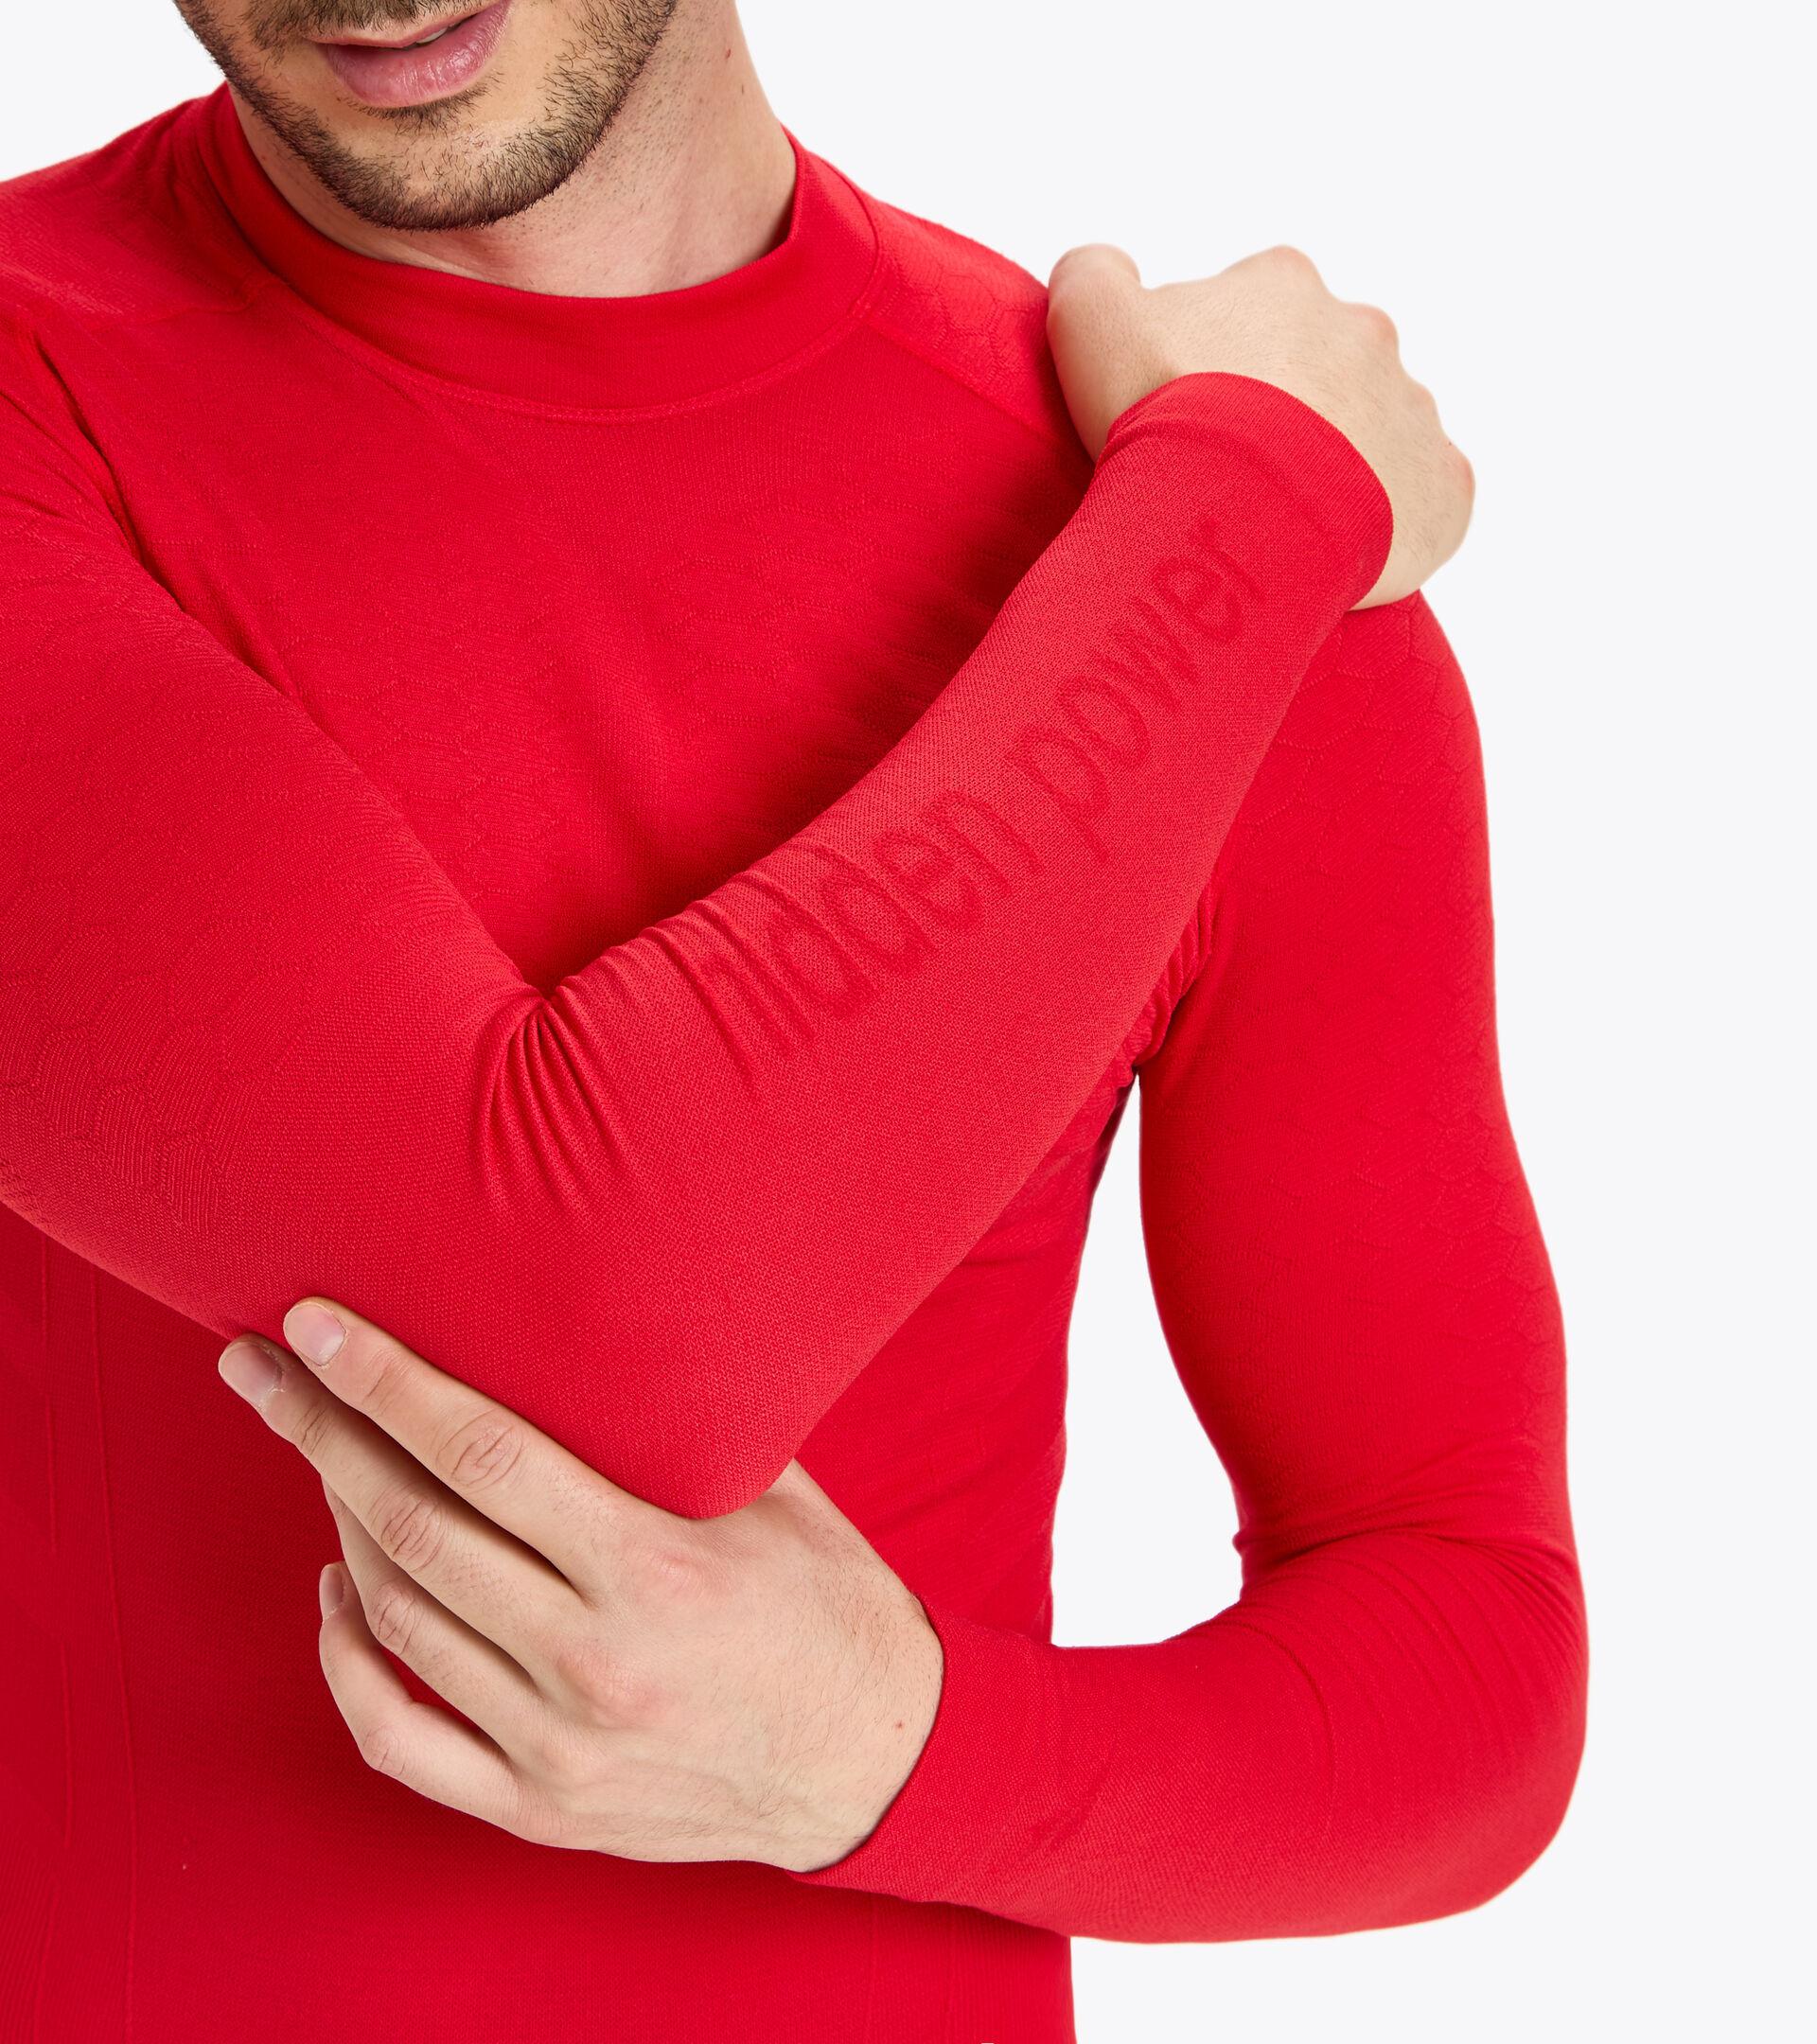 Camiseta de entrenamiento de manga larga - Hombre LS TURTLE NECK ACT ROJO LICEOS - Diadora